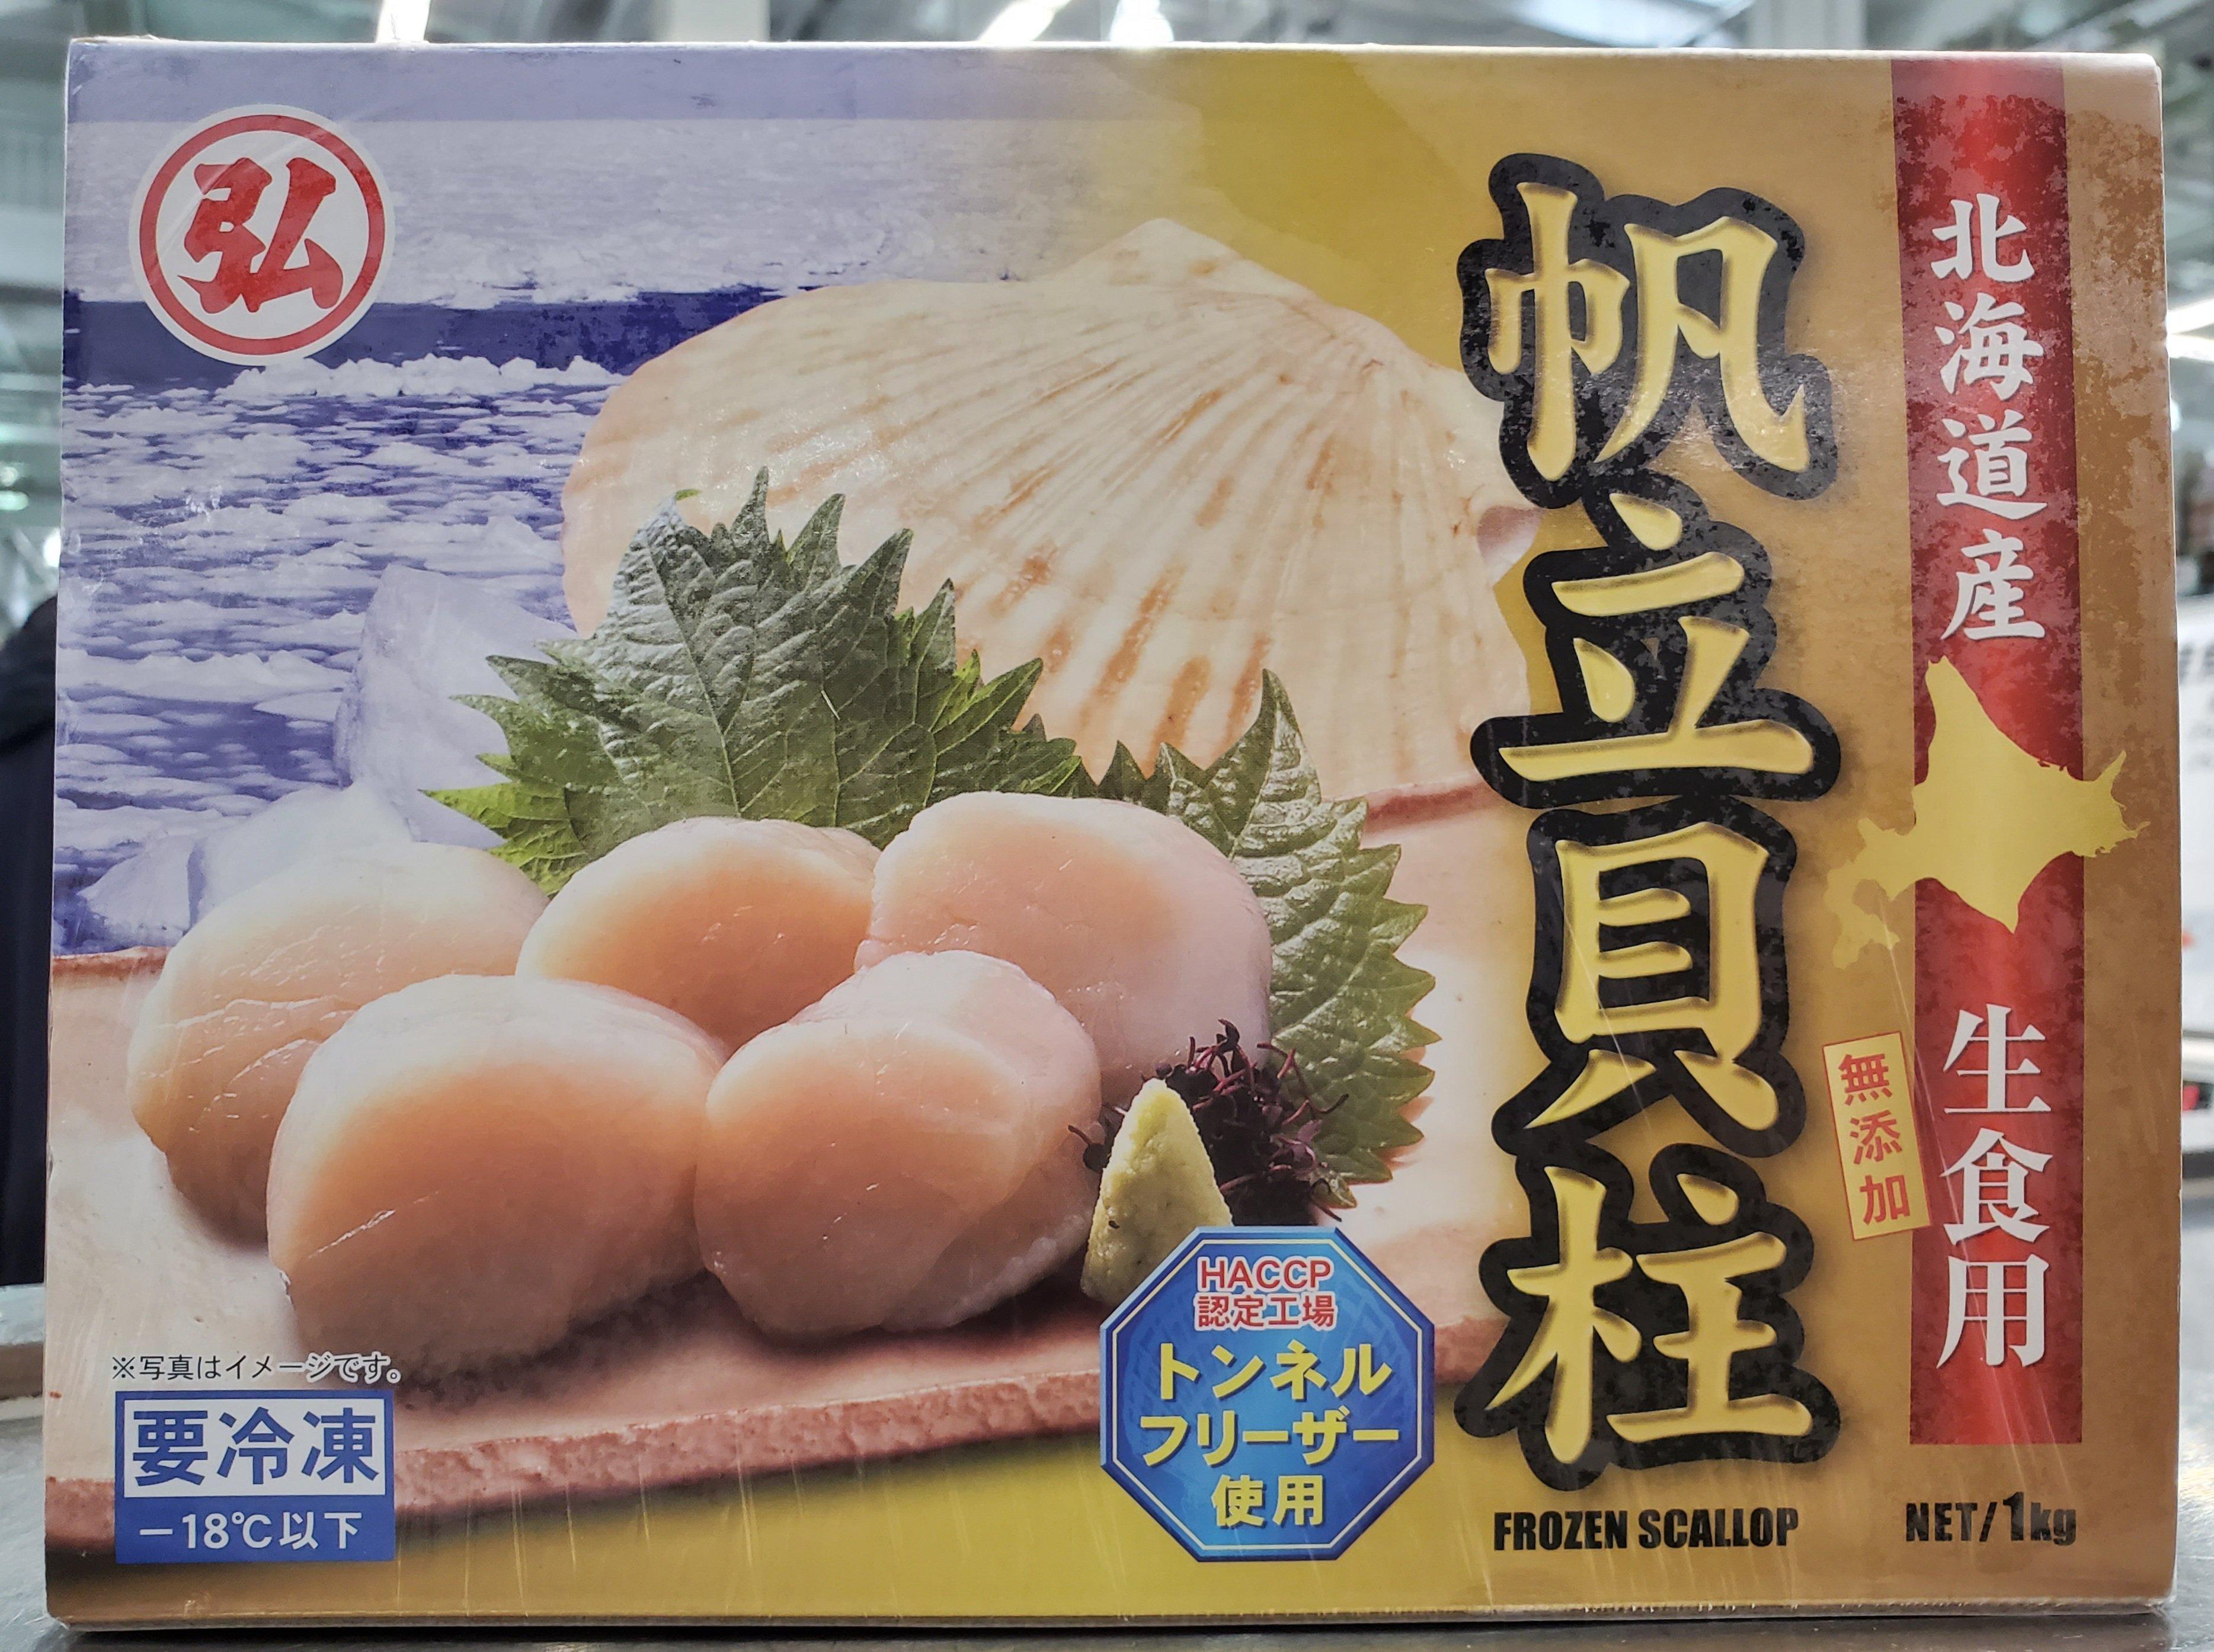 【小如的店】COSTCO好市多代購~日本 冷凍北海道生干貝/干貝柱L(每盒1kg/約21-25粒)